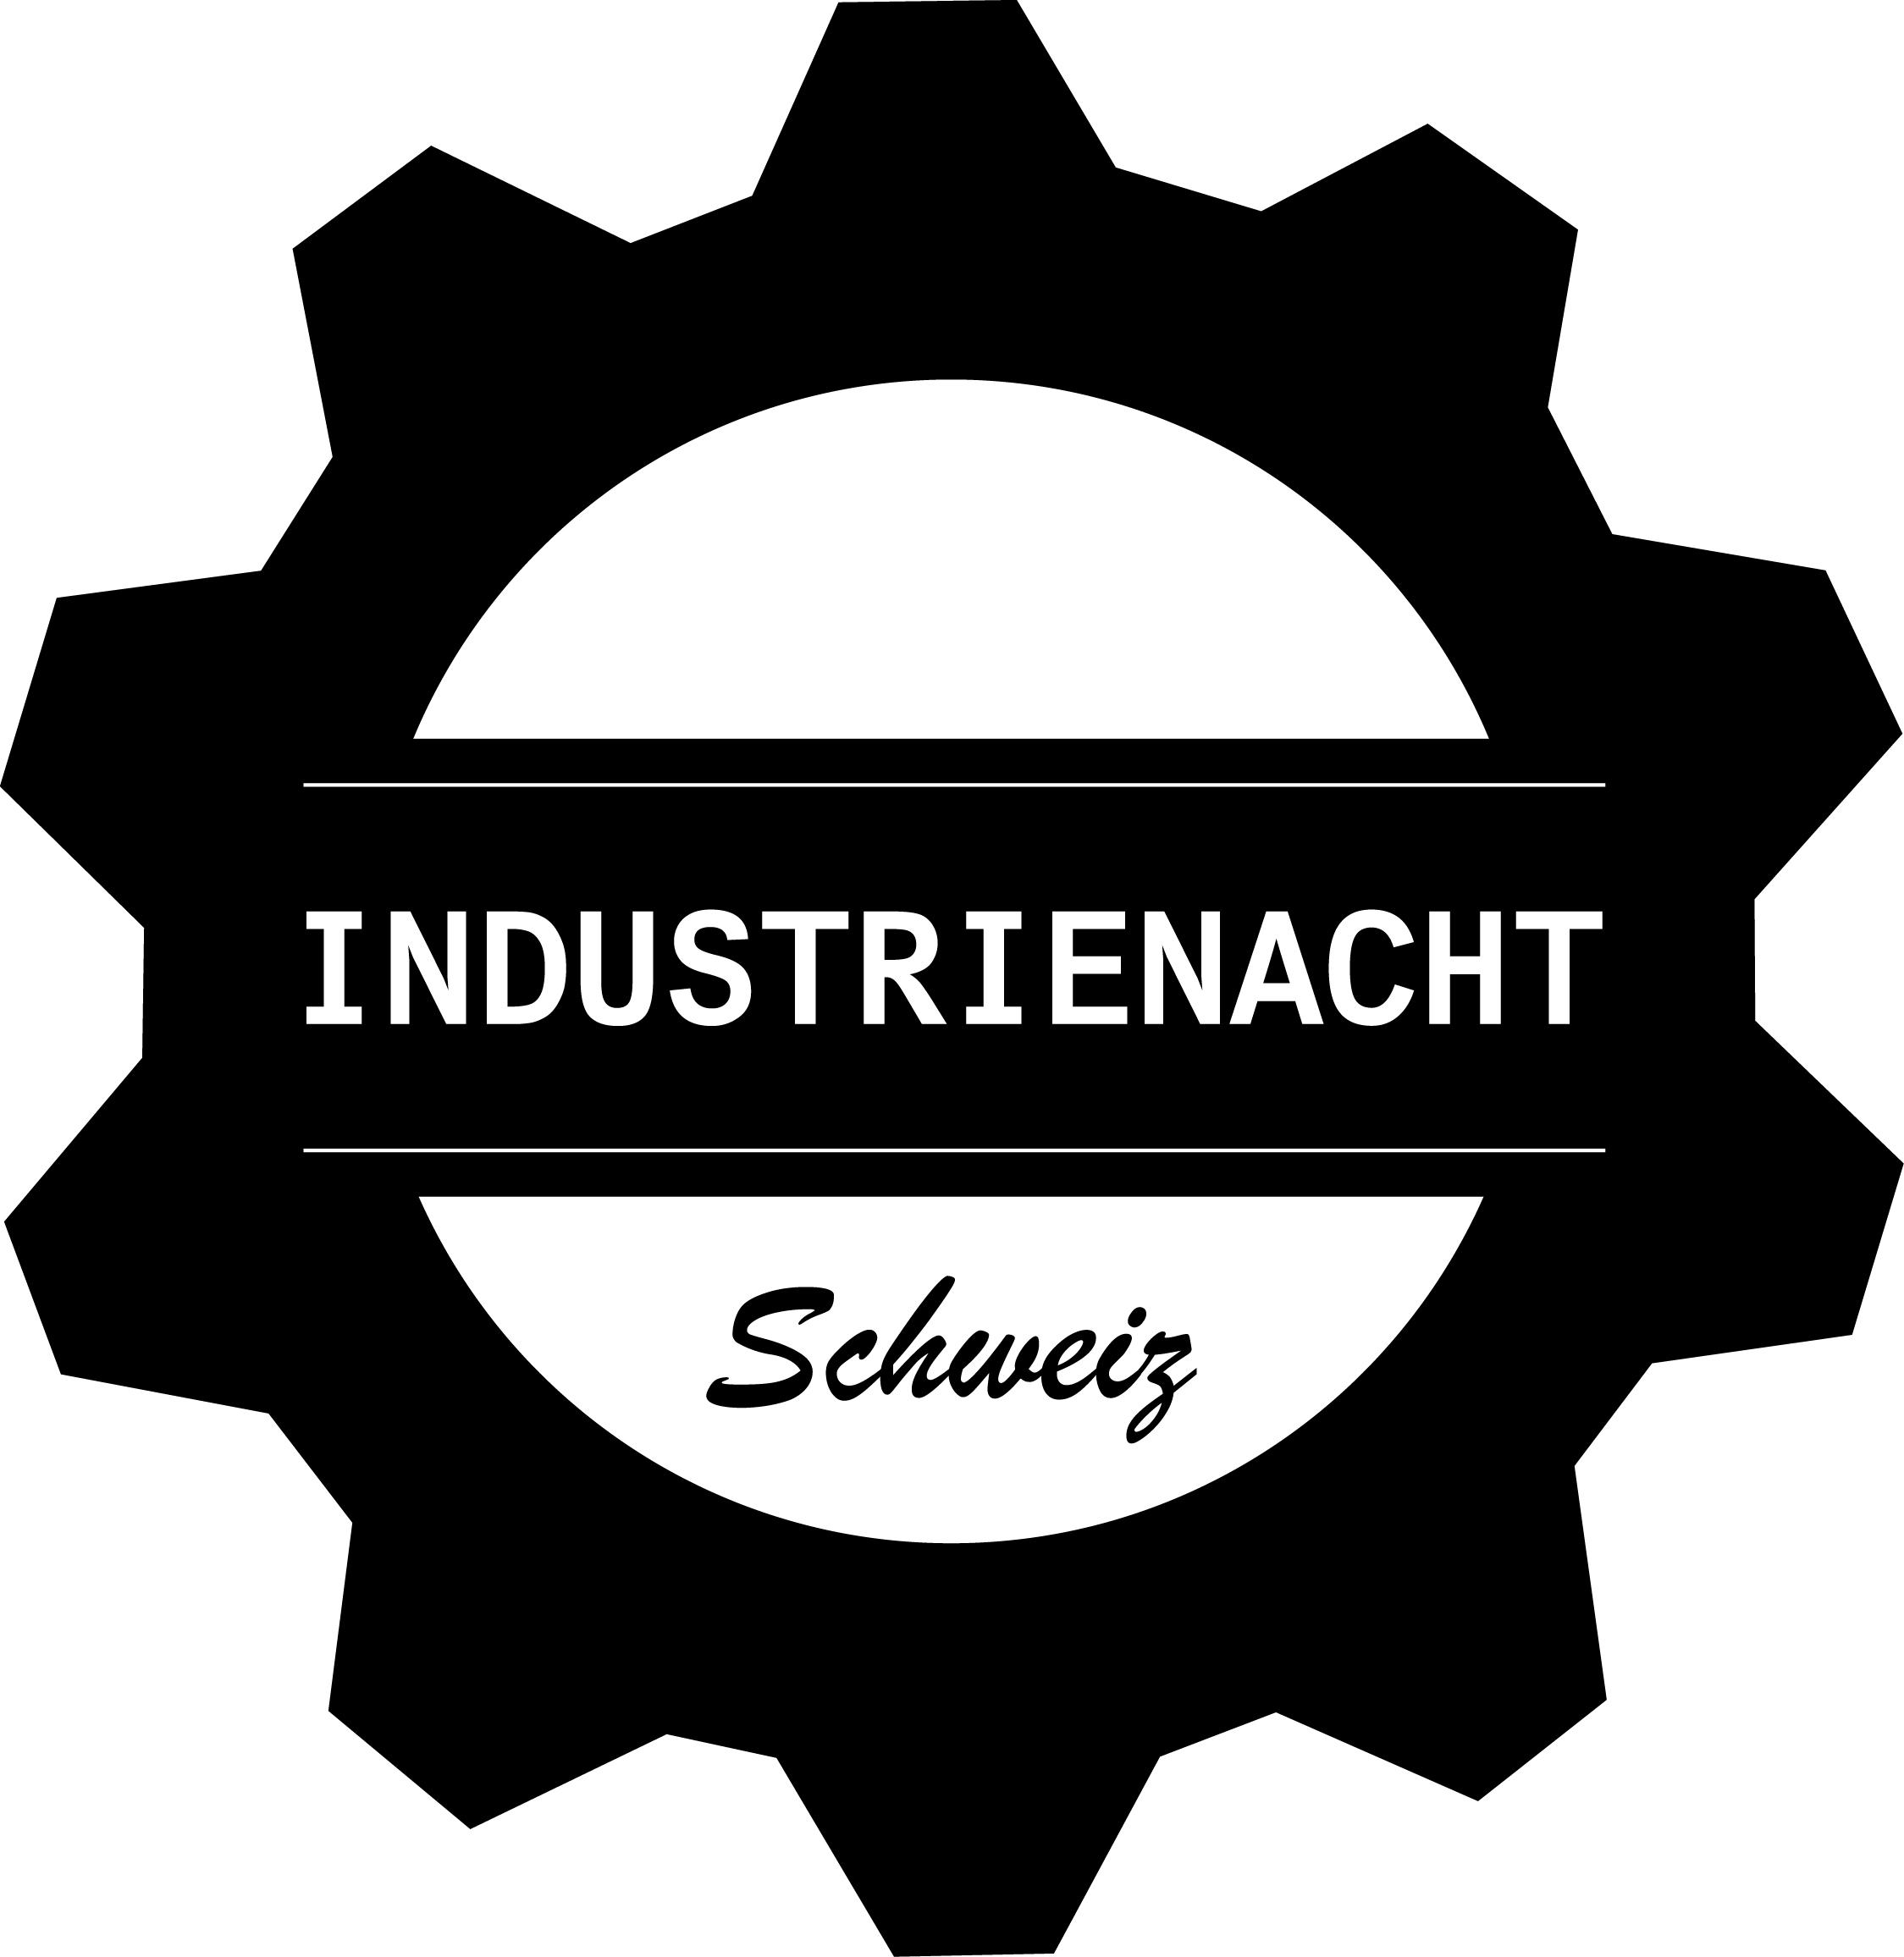 http://industrienacht.ch/wp-content/uploads/2017/06/Logo-Industrienacht_Schweiz.jpg